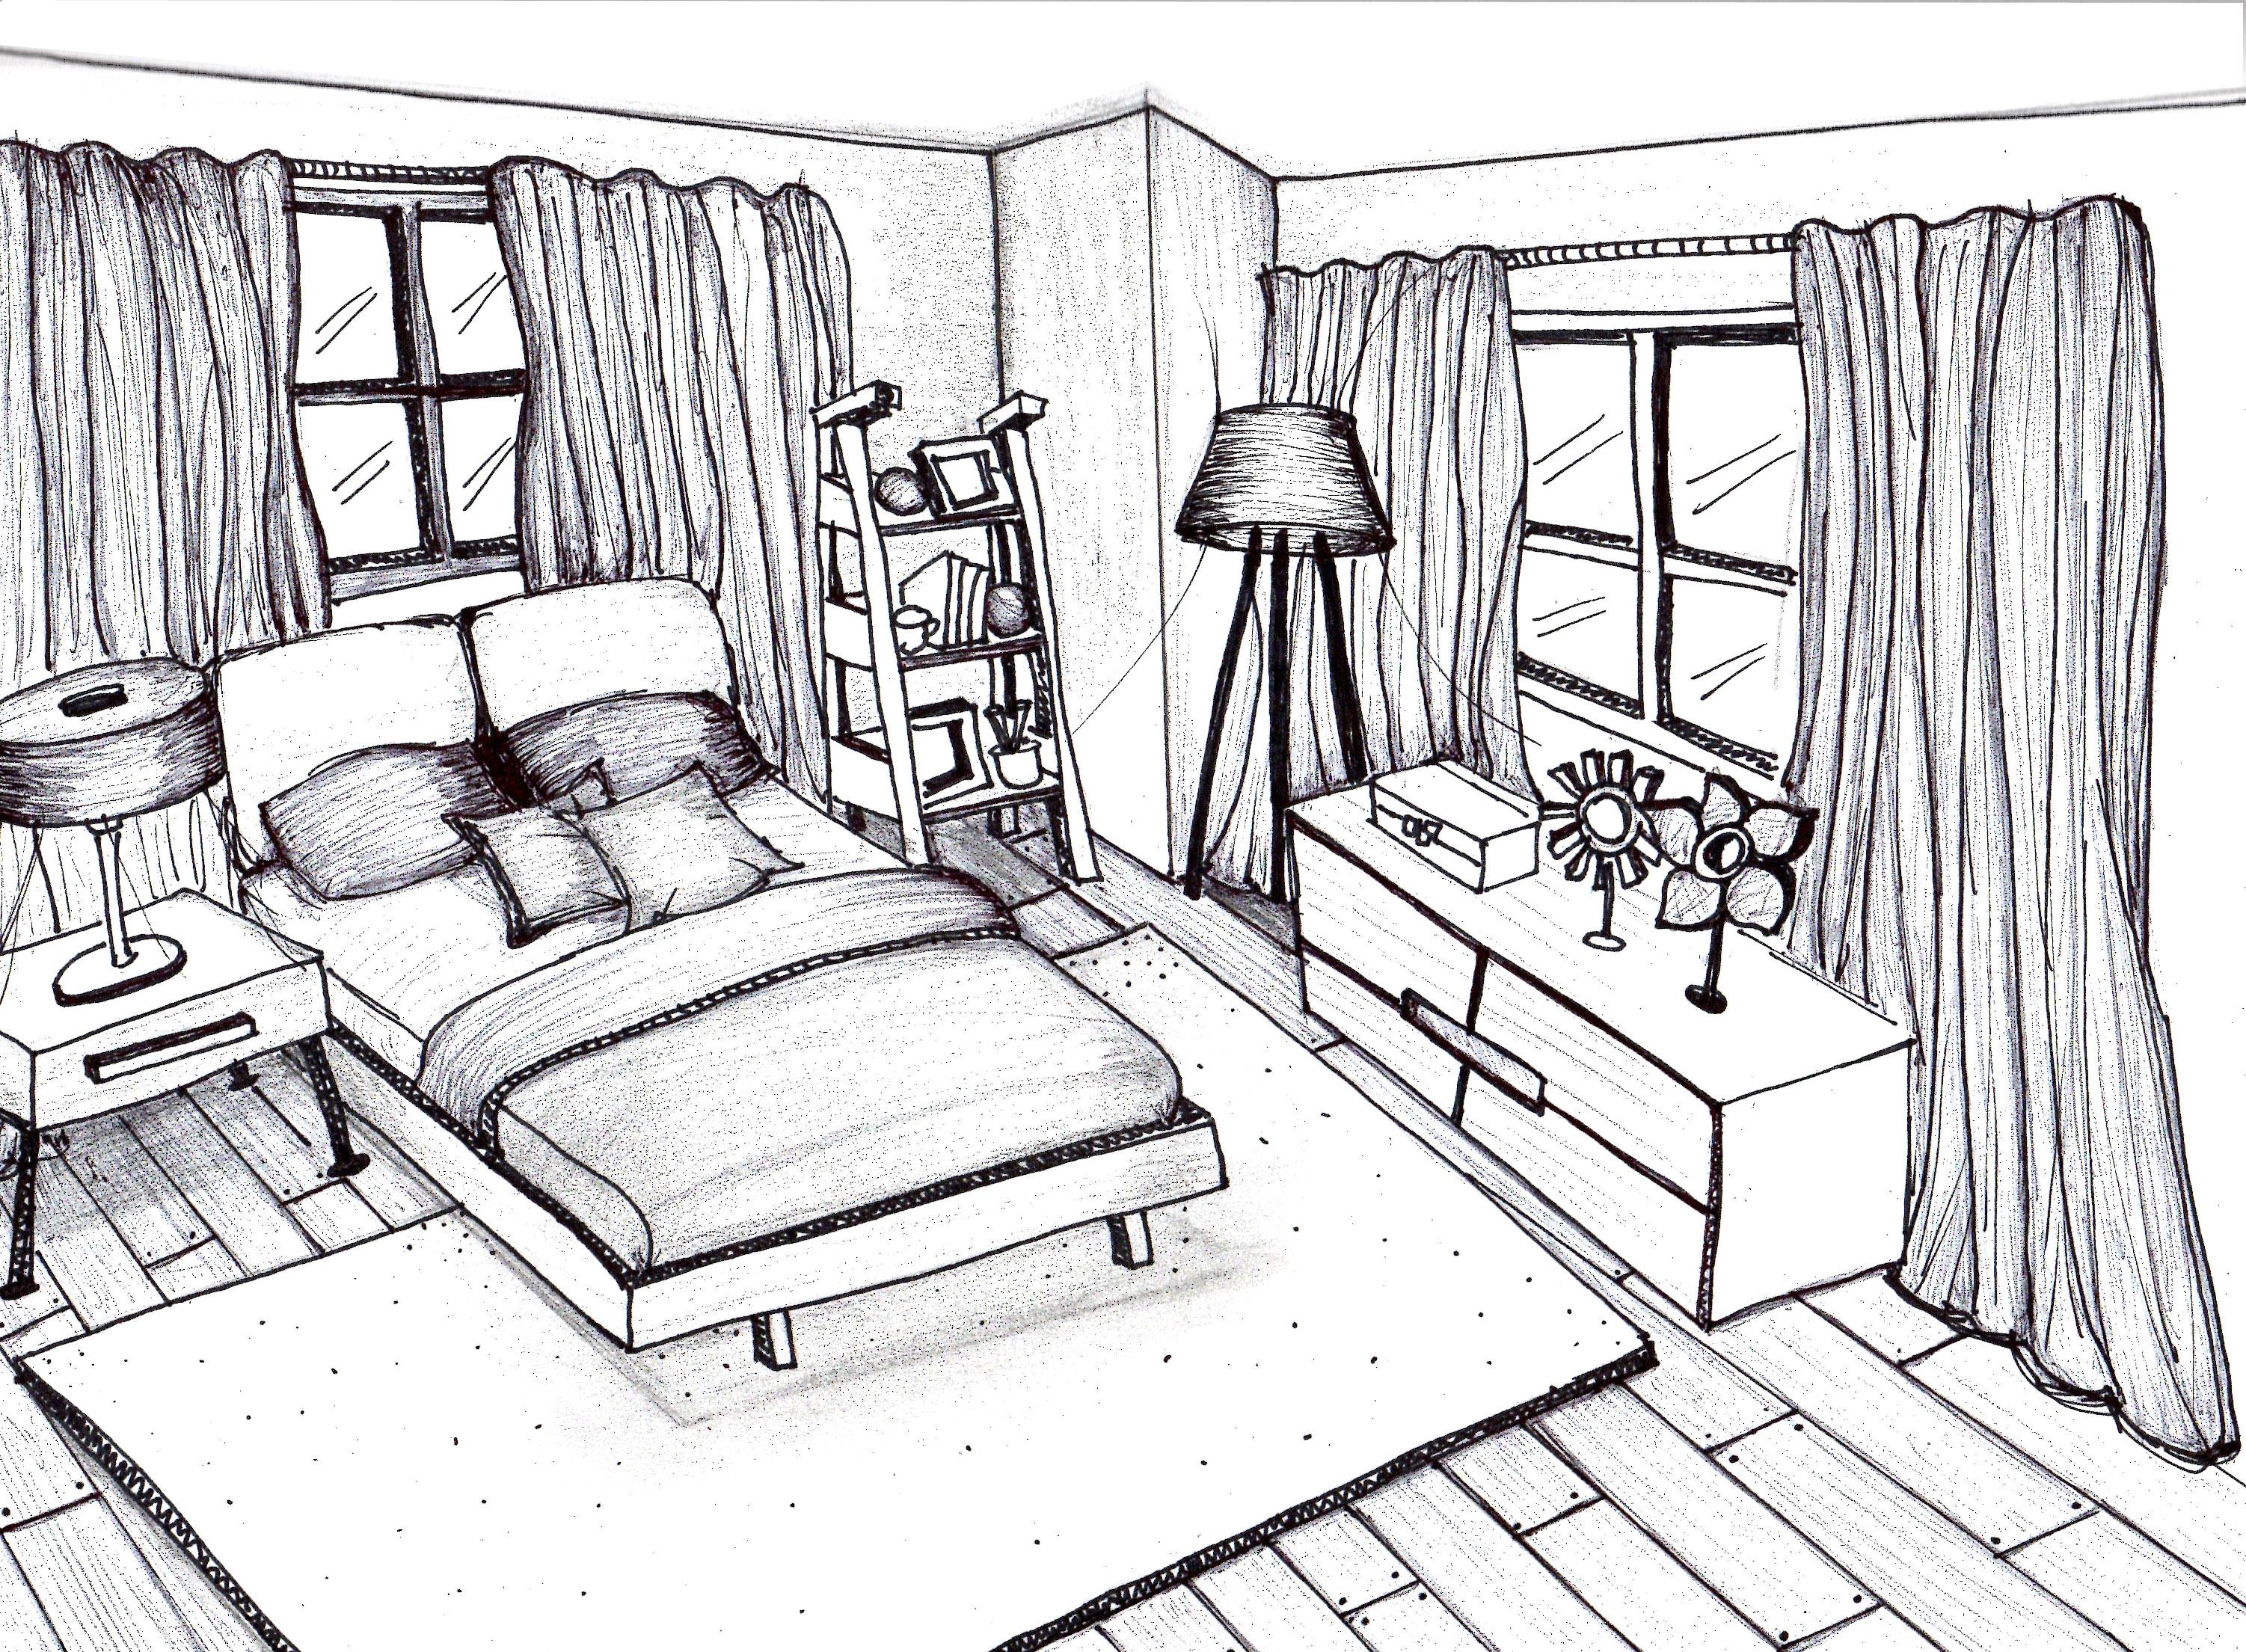 3003x2209 Bedroom Interior Sketch Bedroom By Pencil And Watercolor Stock